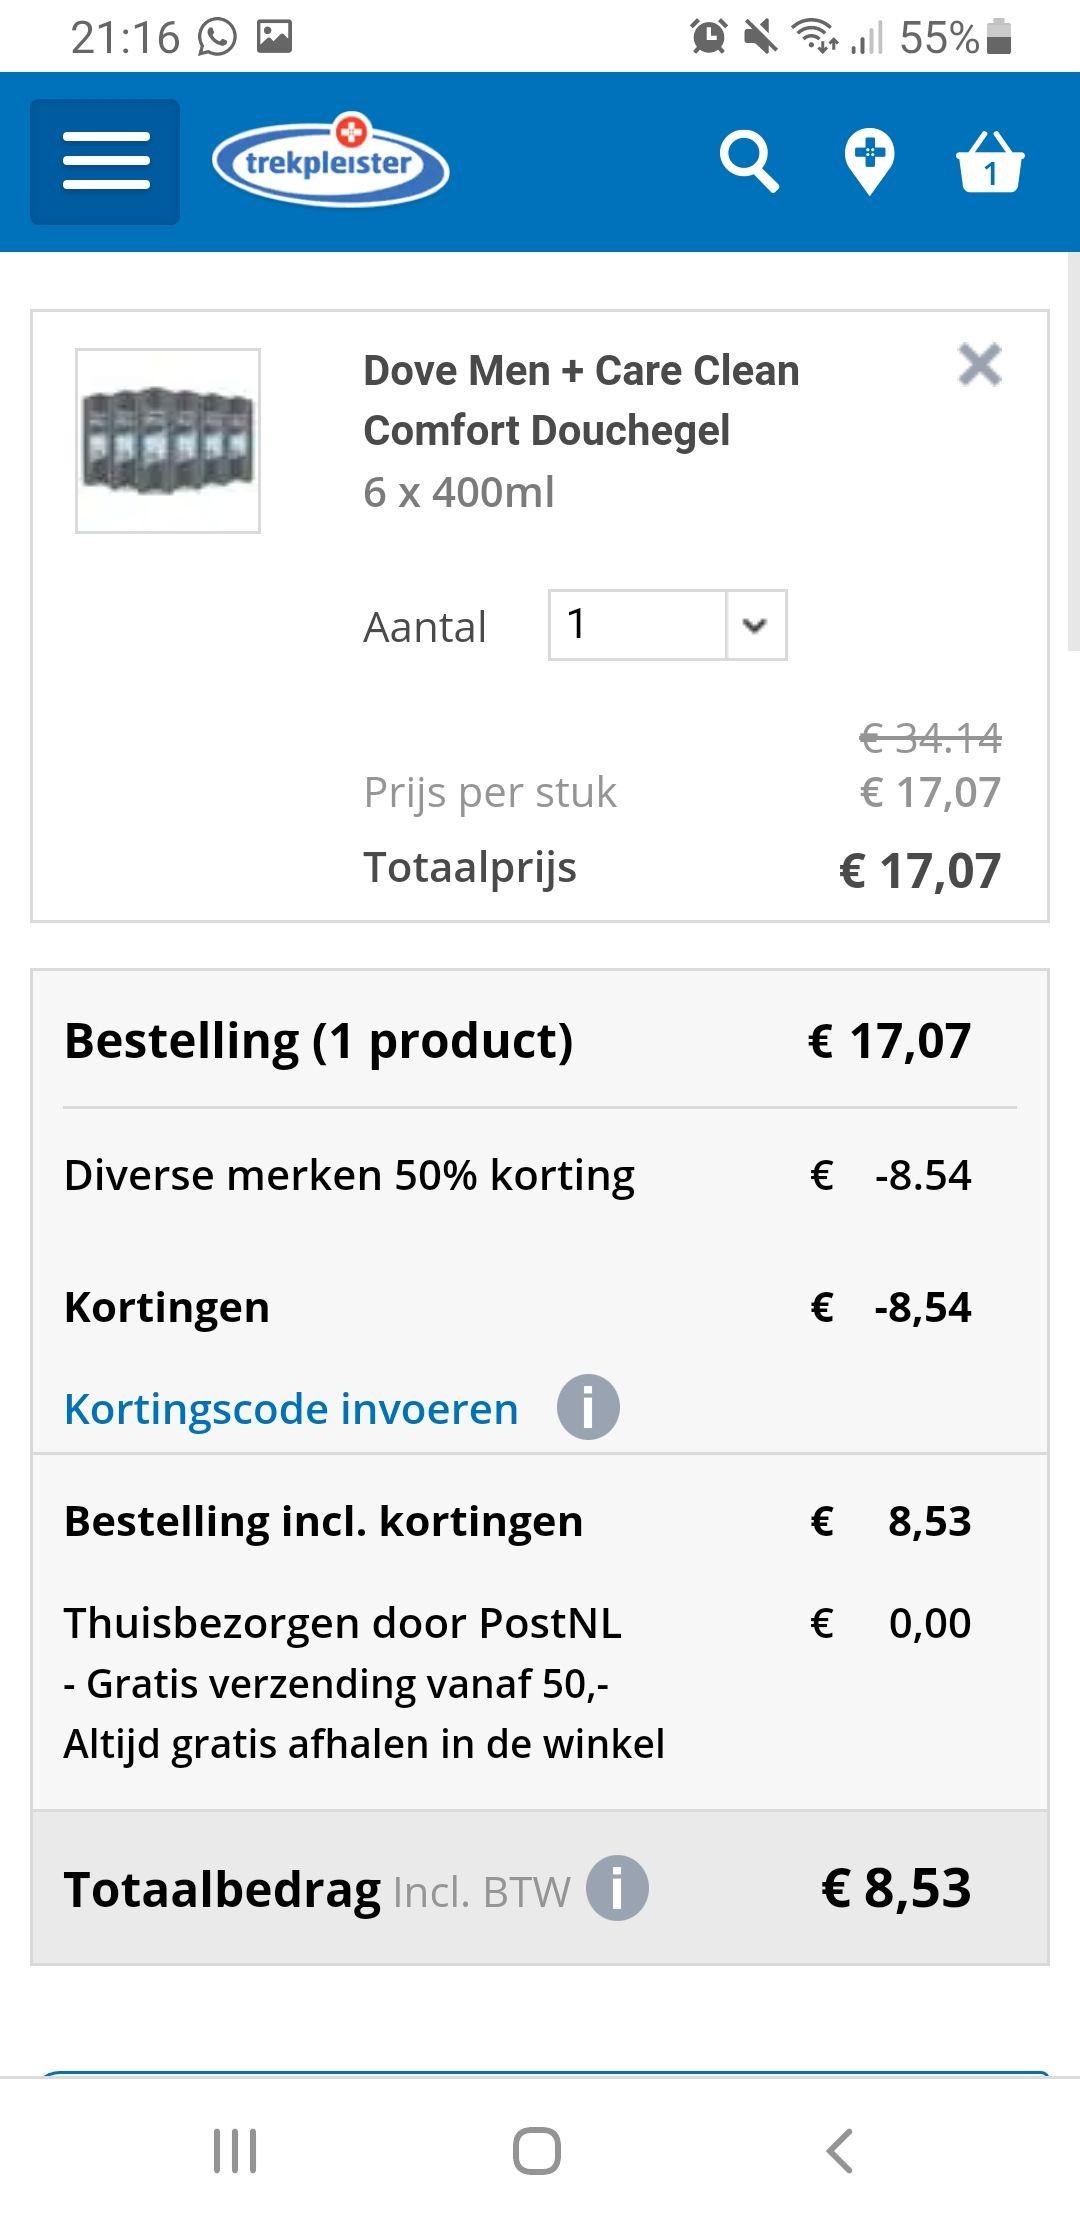 Dubbele korting op multipakken bij Trekpleister Online